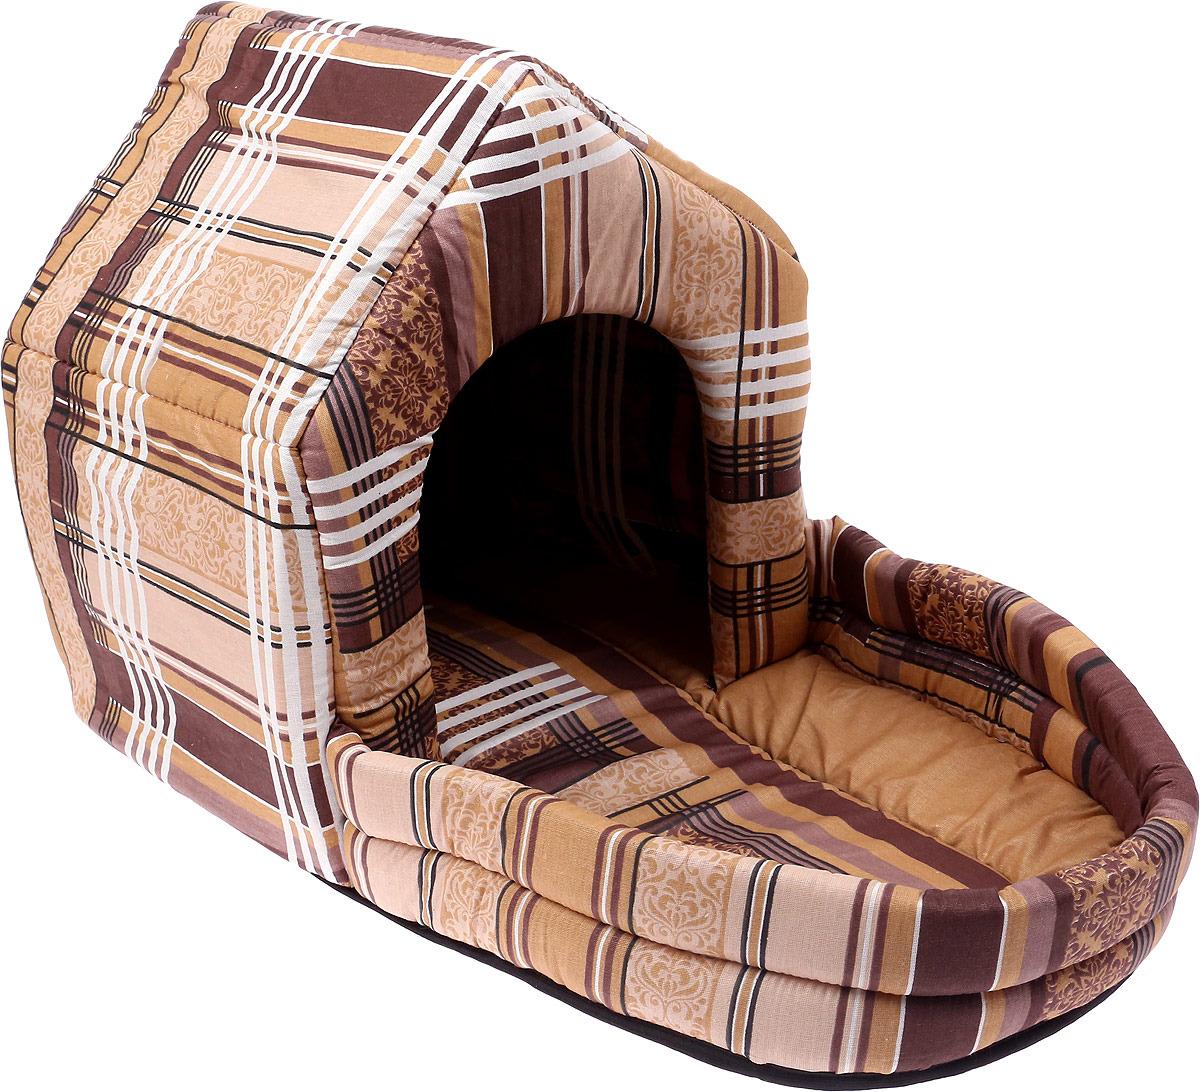 Лежак для животных ЗооМарк Домик Клетка, с площадкой, ДП-1КБ, бежевый, 65 х 33 х 38 см цена